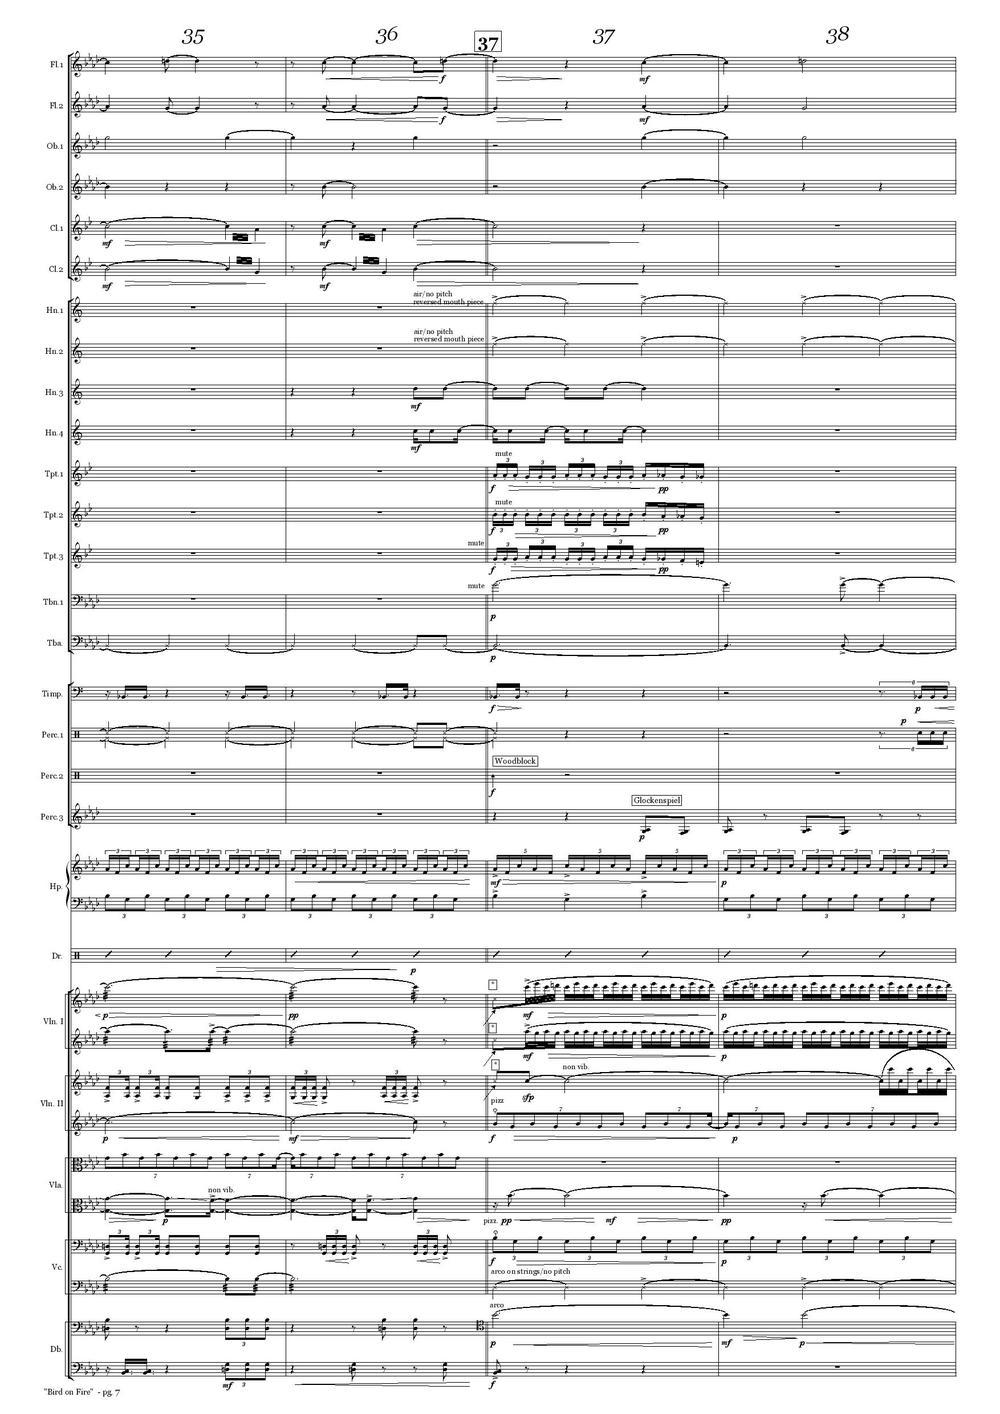 Bird on Fire - score-page-010.jpg